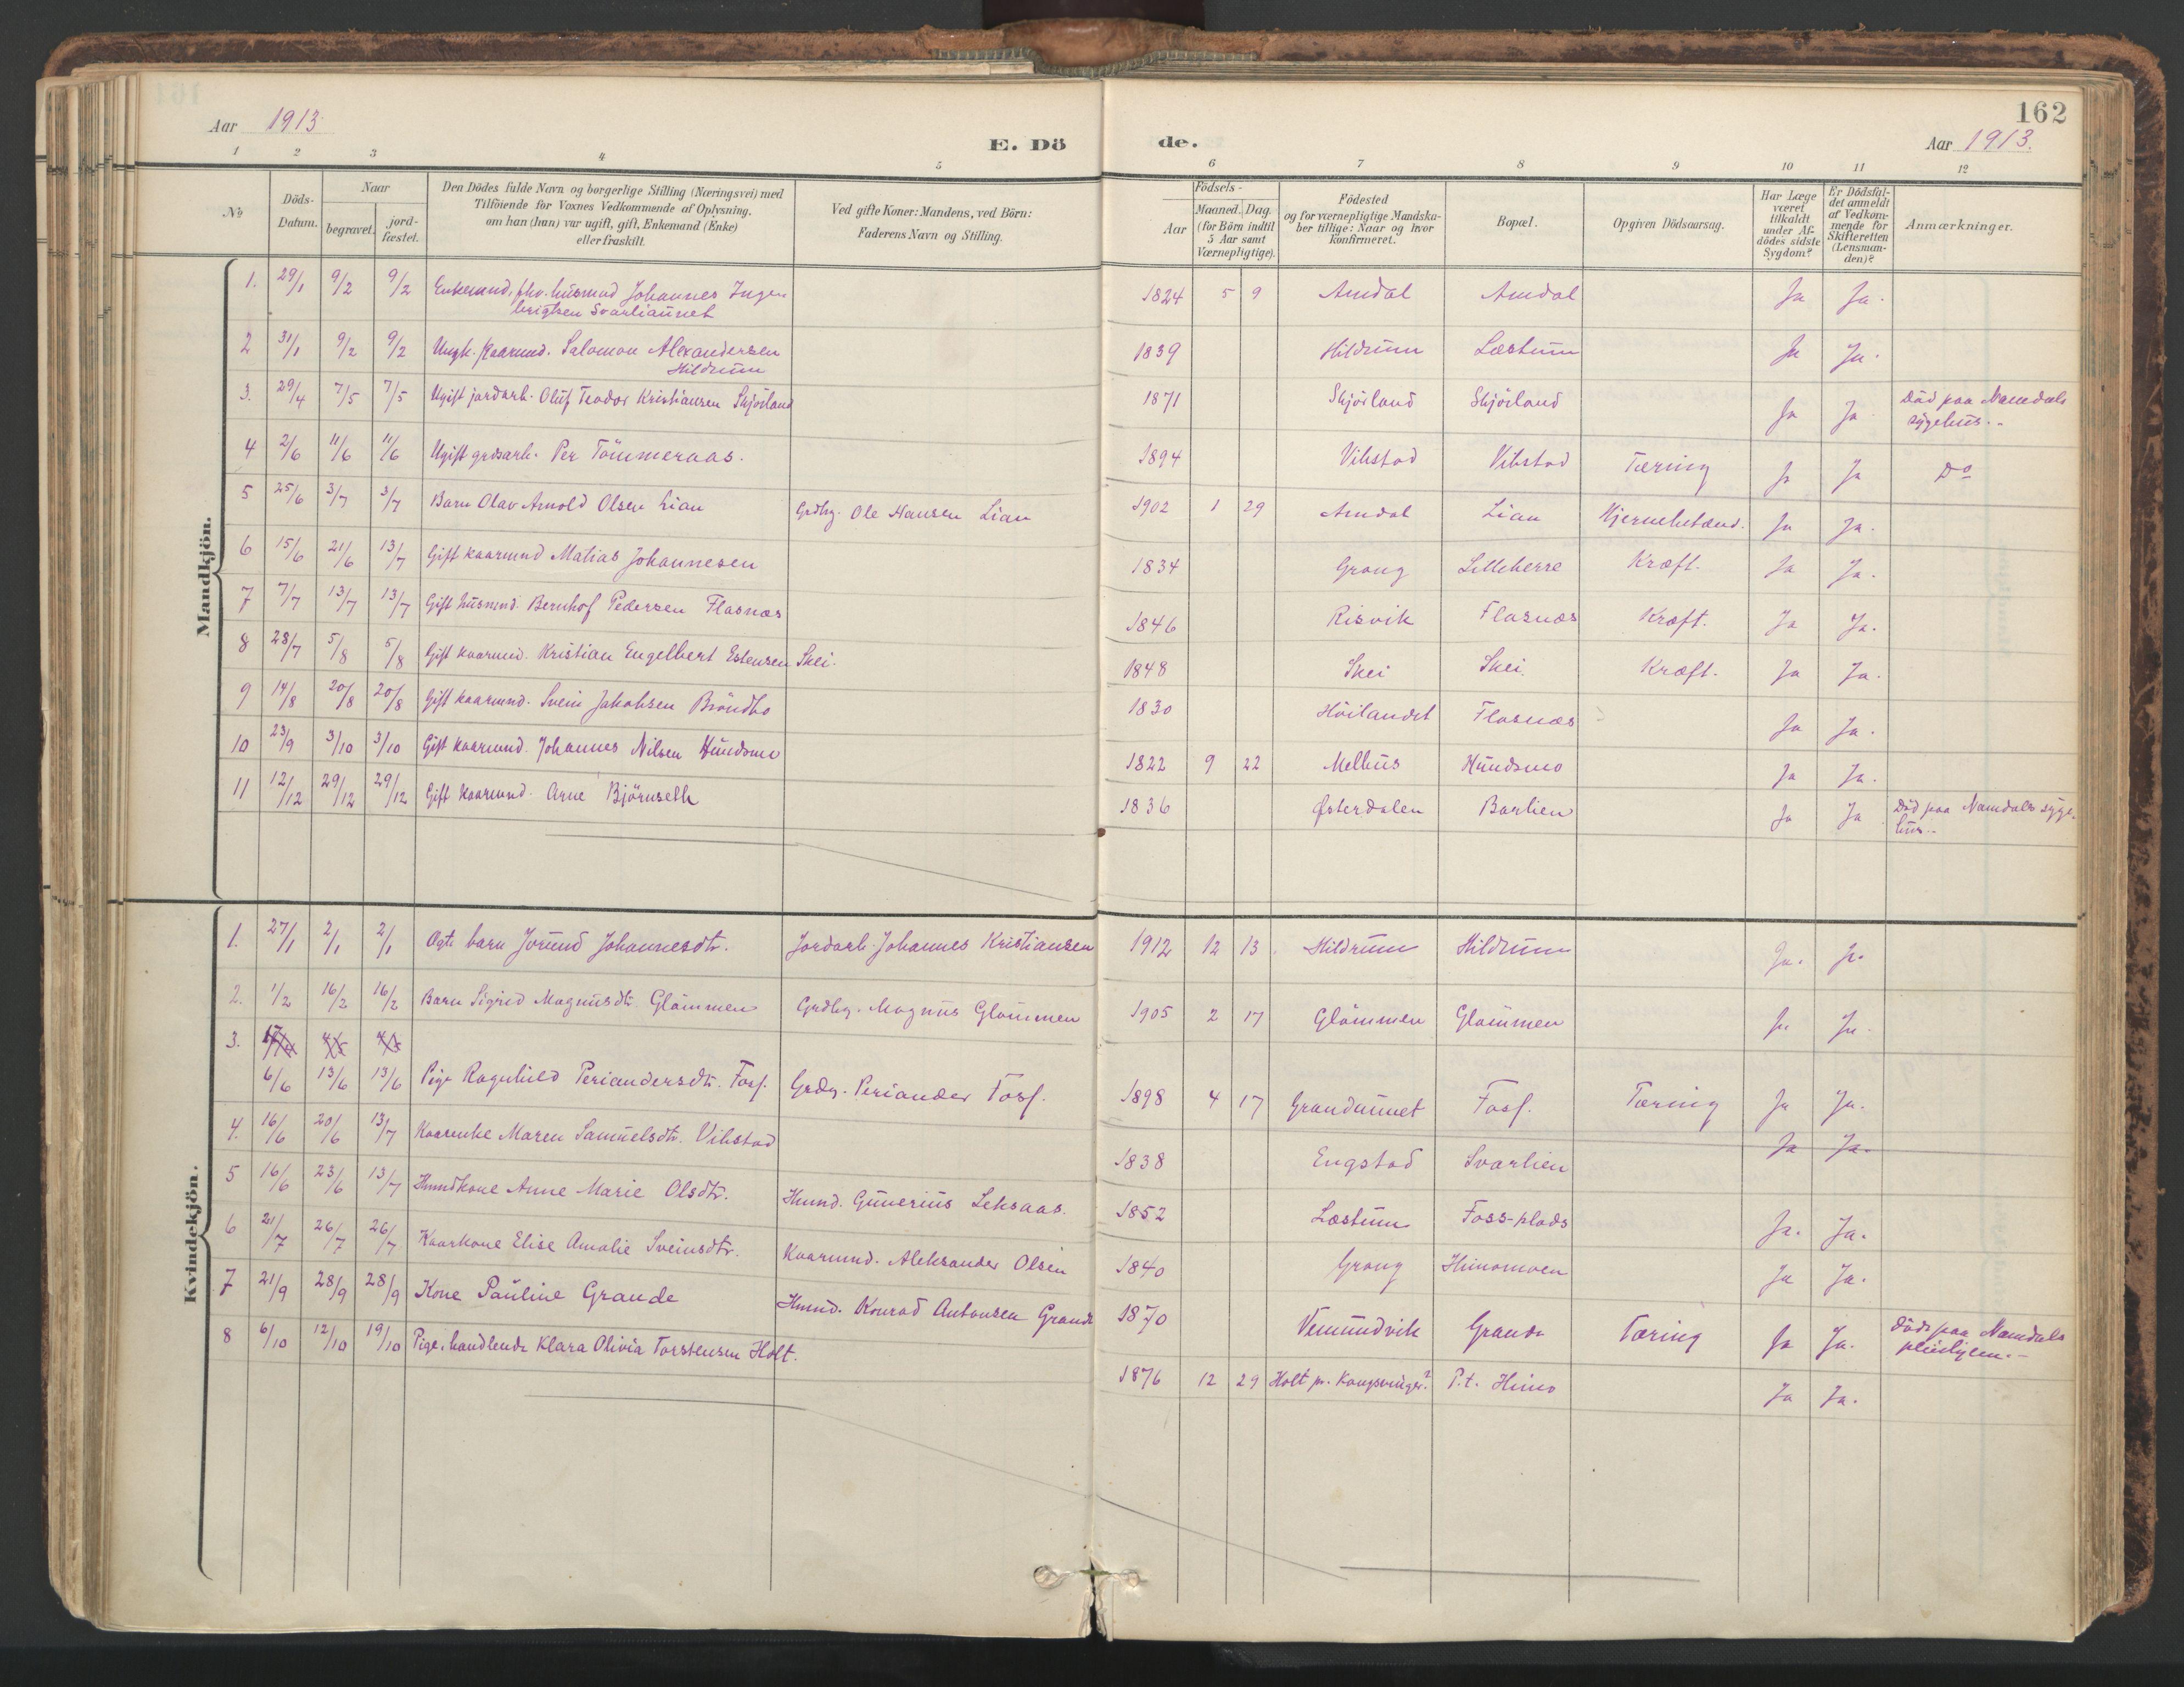 SAT, Ministerialprotokoller, klokkerbøker og fødselsregistre - Nord-Trøndelag, 764/L0556: Ministerialbok nr. 764A11, 1897-1924, s. 162